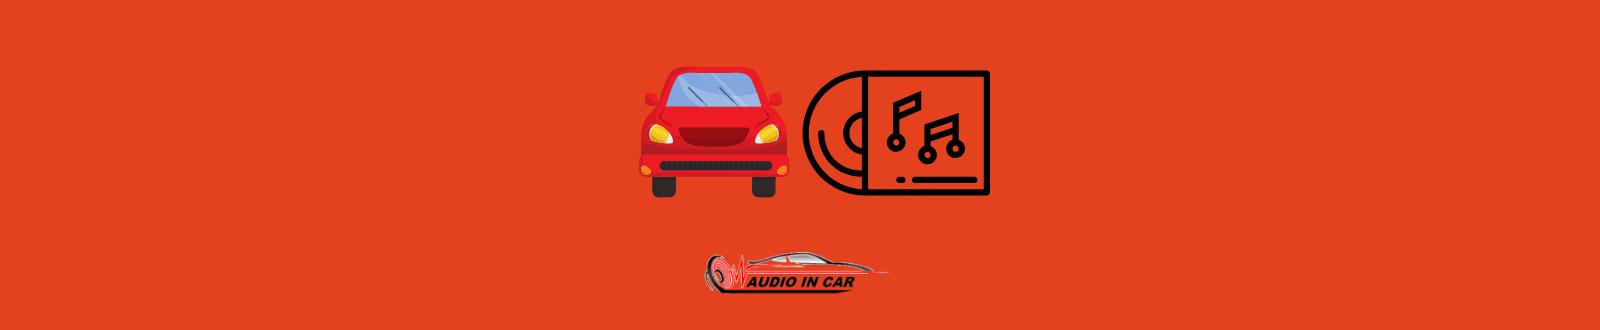 car-disk-changer